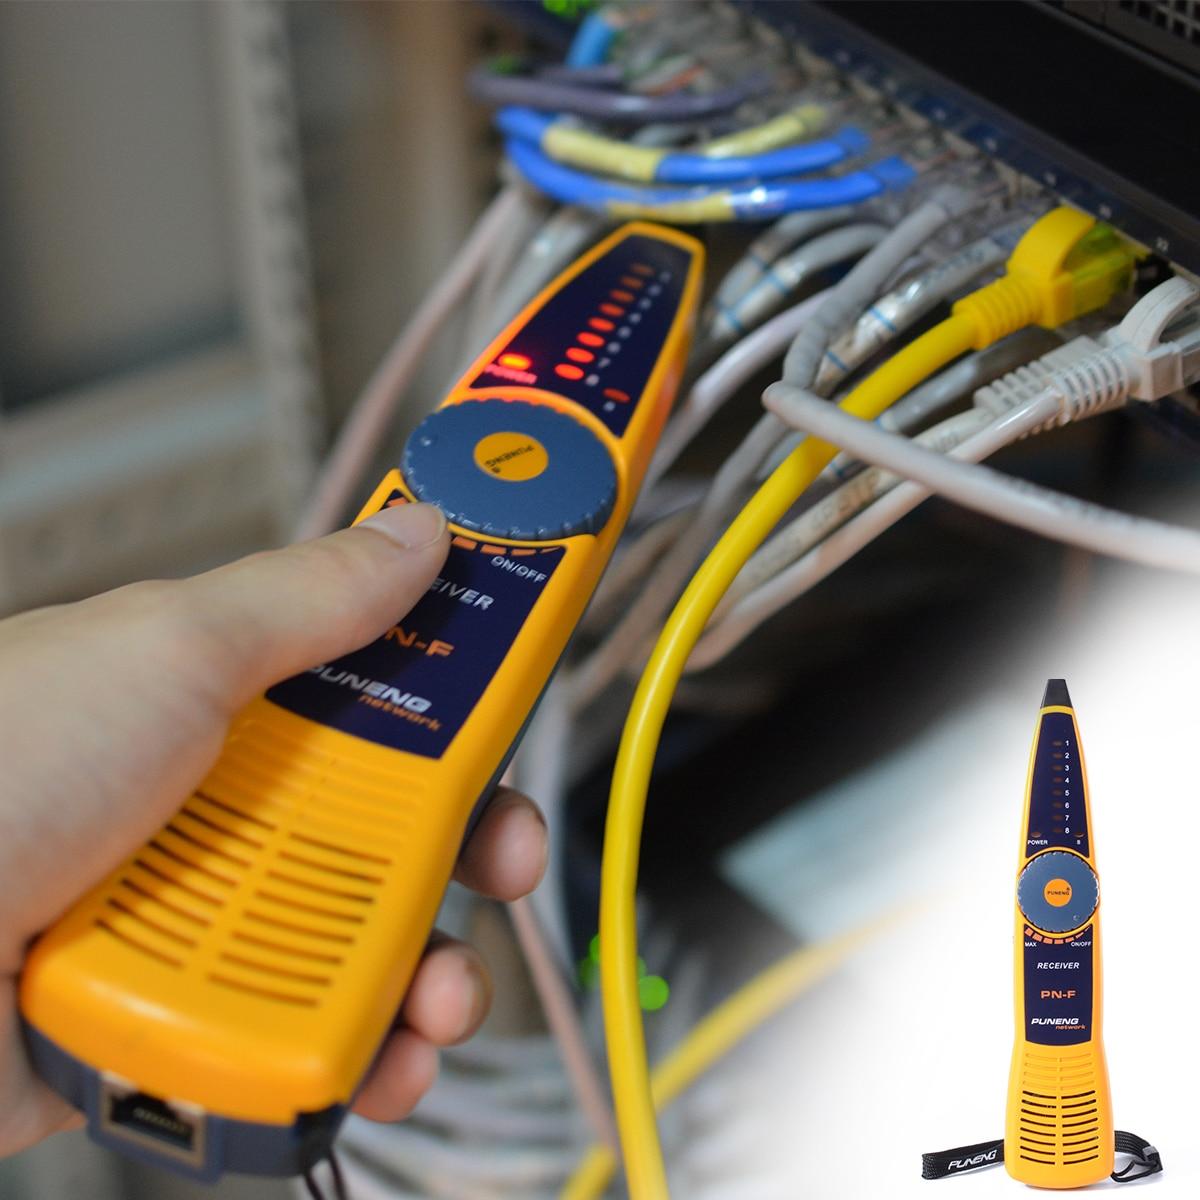 RJ11 RJ45 Cat5 Cat6 Telephone Wire Tracker Tracer Toner Ethernet LAN Network Cable Tester Detector Line Finder BI011  цены